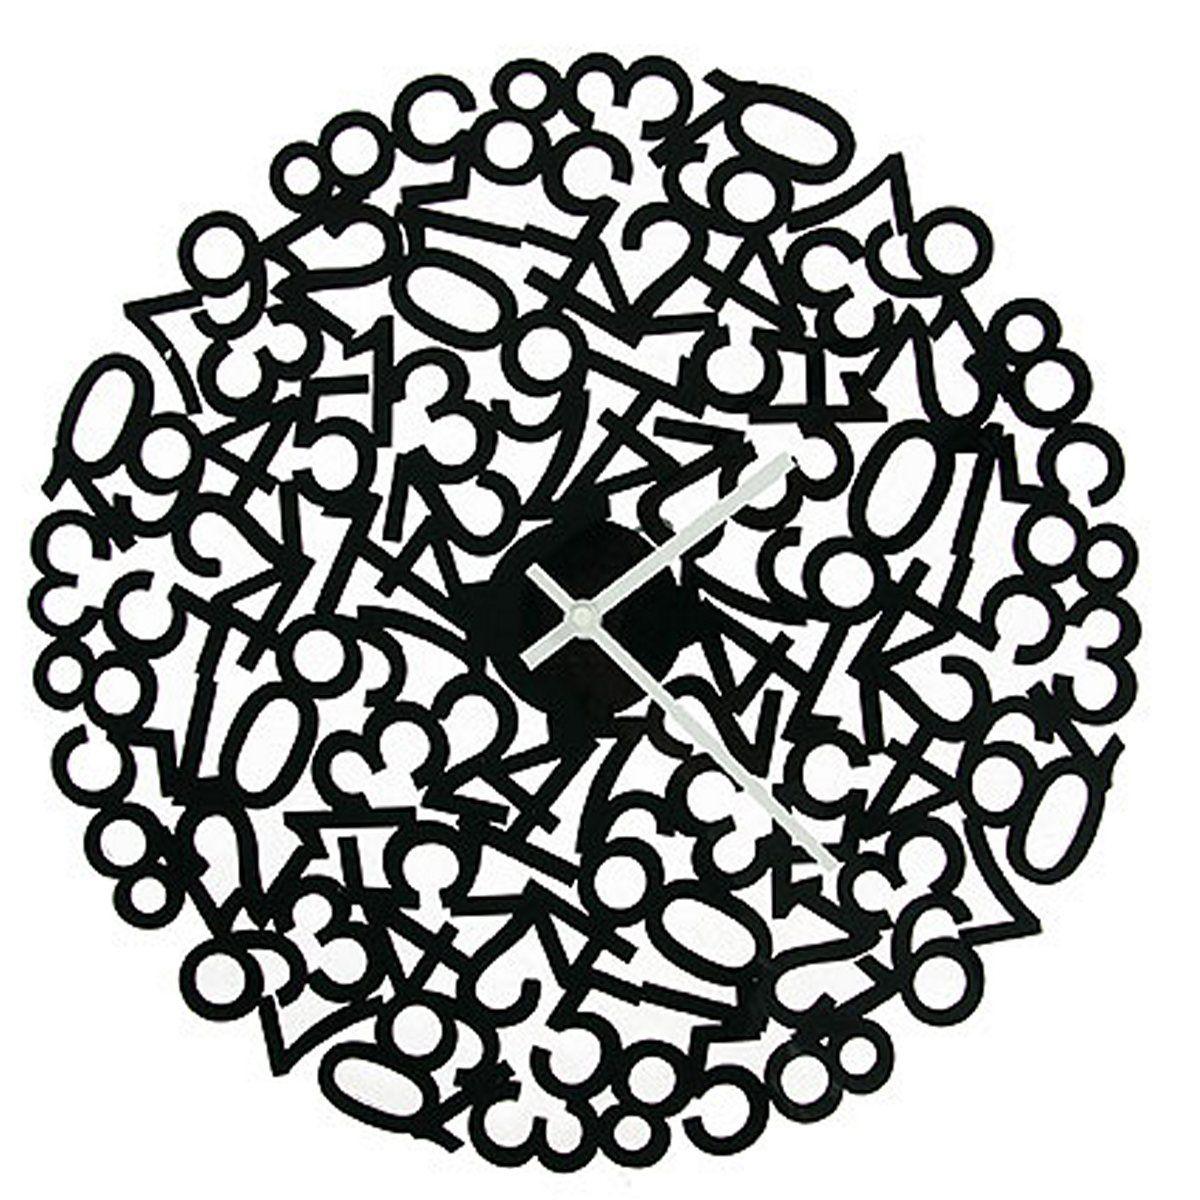 Часы настенные Русские Подарки, диаметр 30 см. 122416122416Настенные кварцевые часы Русские Подарки изготовлены из полиамида. Корпус оформлен цифрами, расположенными в хаотичном порядке. Часы имеют две стрелки - часовую и минутную. С обратной стороны имеетсяпетелька для подвешивания на стену.Такие часы красиво и оригинально оформят интерьер дома или офиса. Также часы могут стать уникальным, полезным подарком для родственников, коллег, знакомых и близких.Часы работают от батареек типа АА (в комплект не входят).